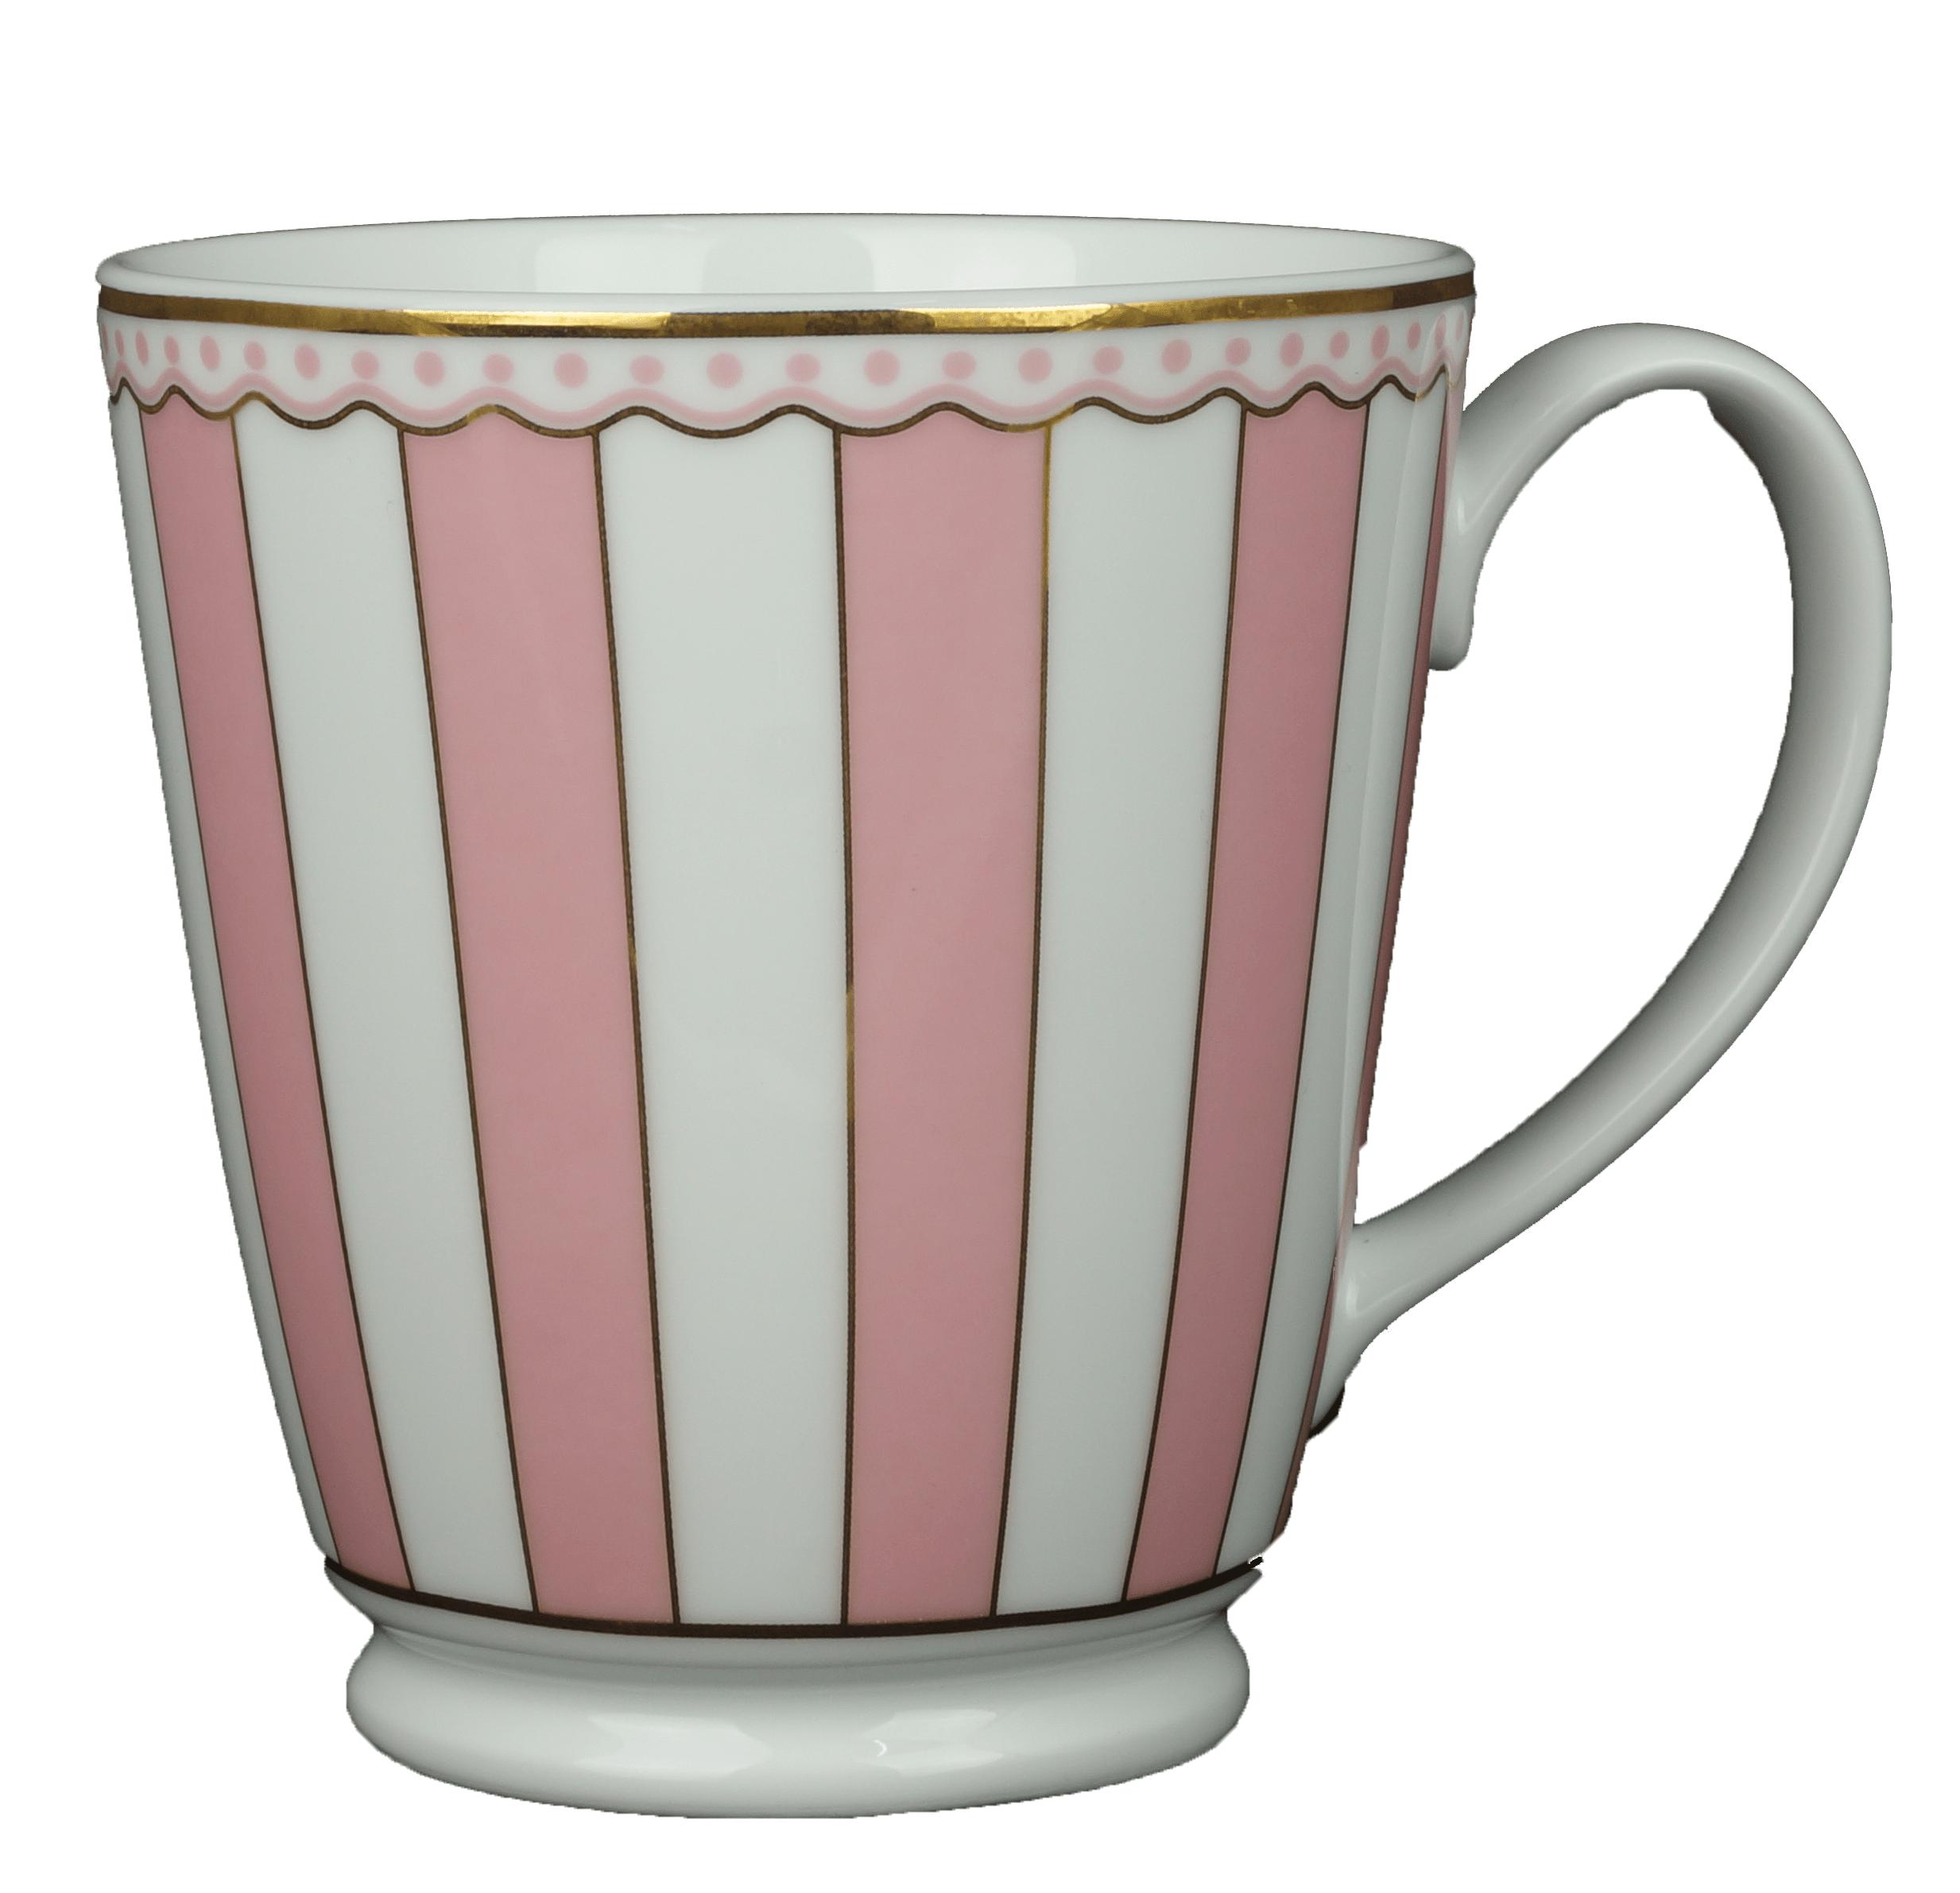 Noritake Carnivale Pink Mug sweepstakes